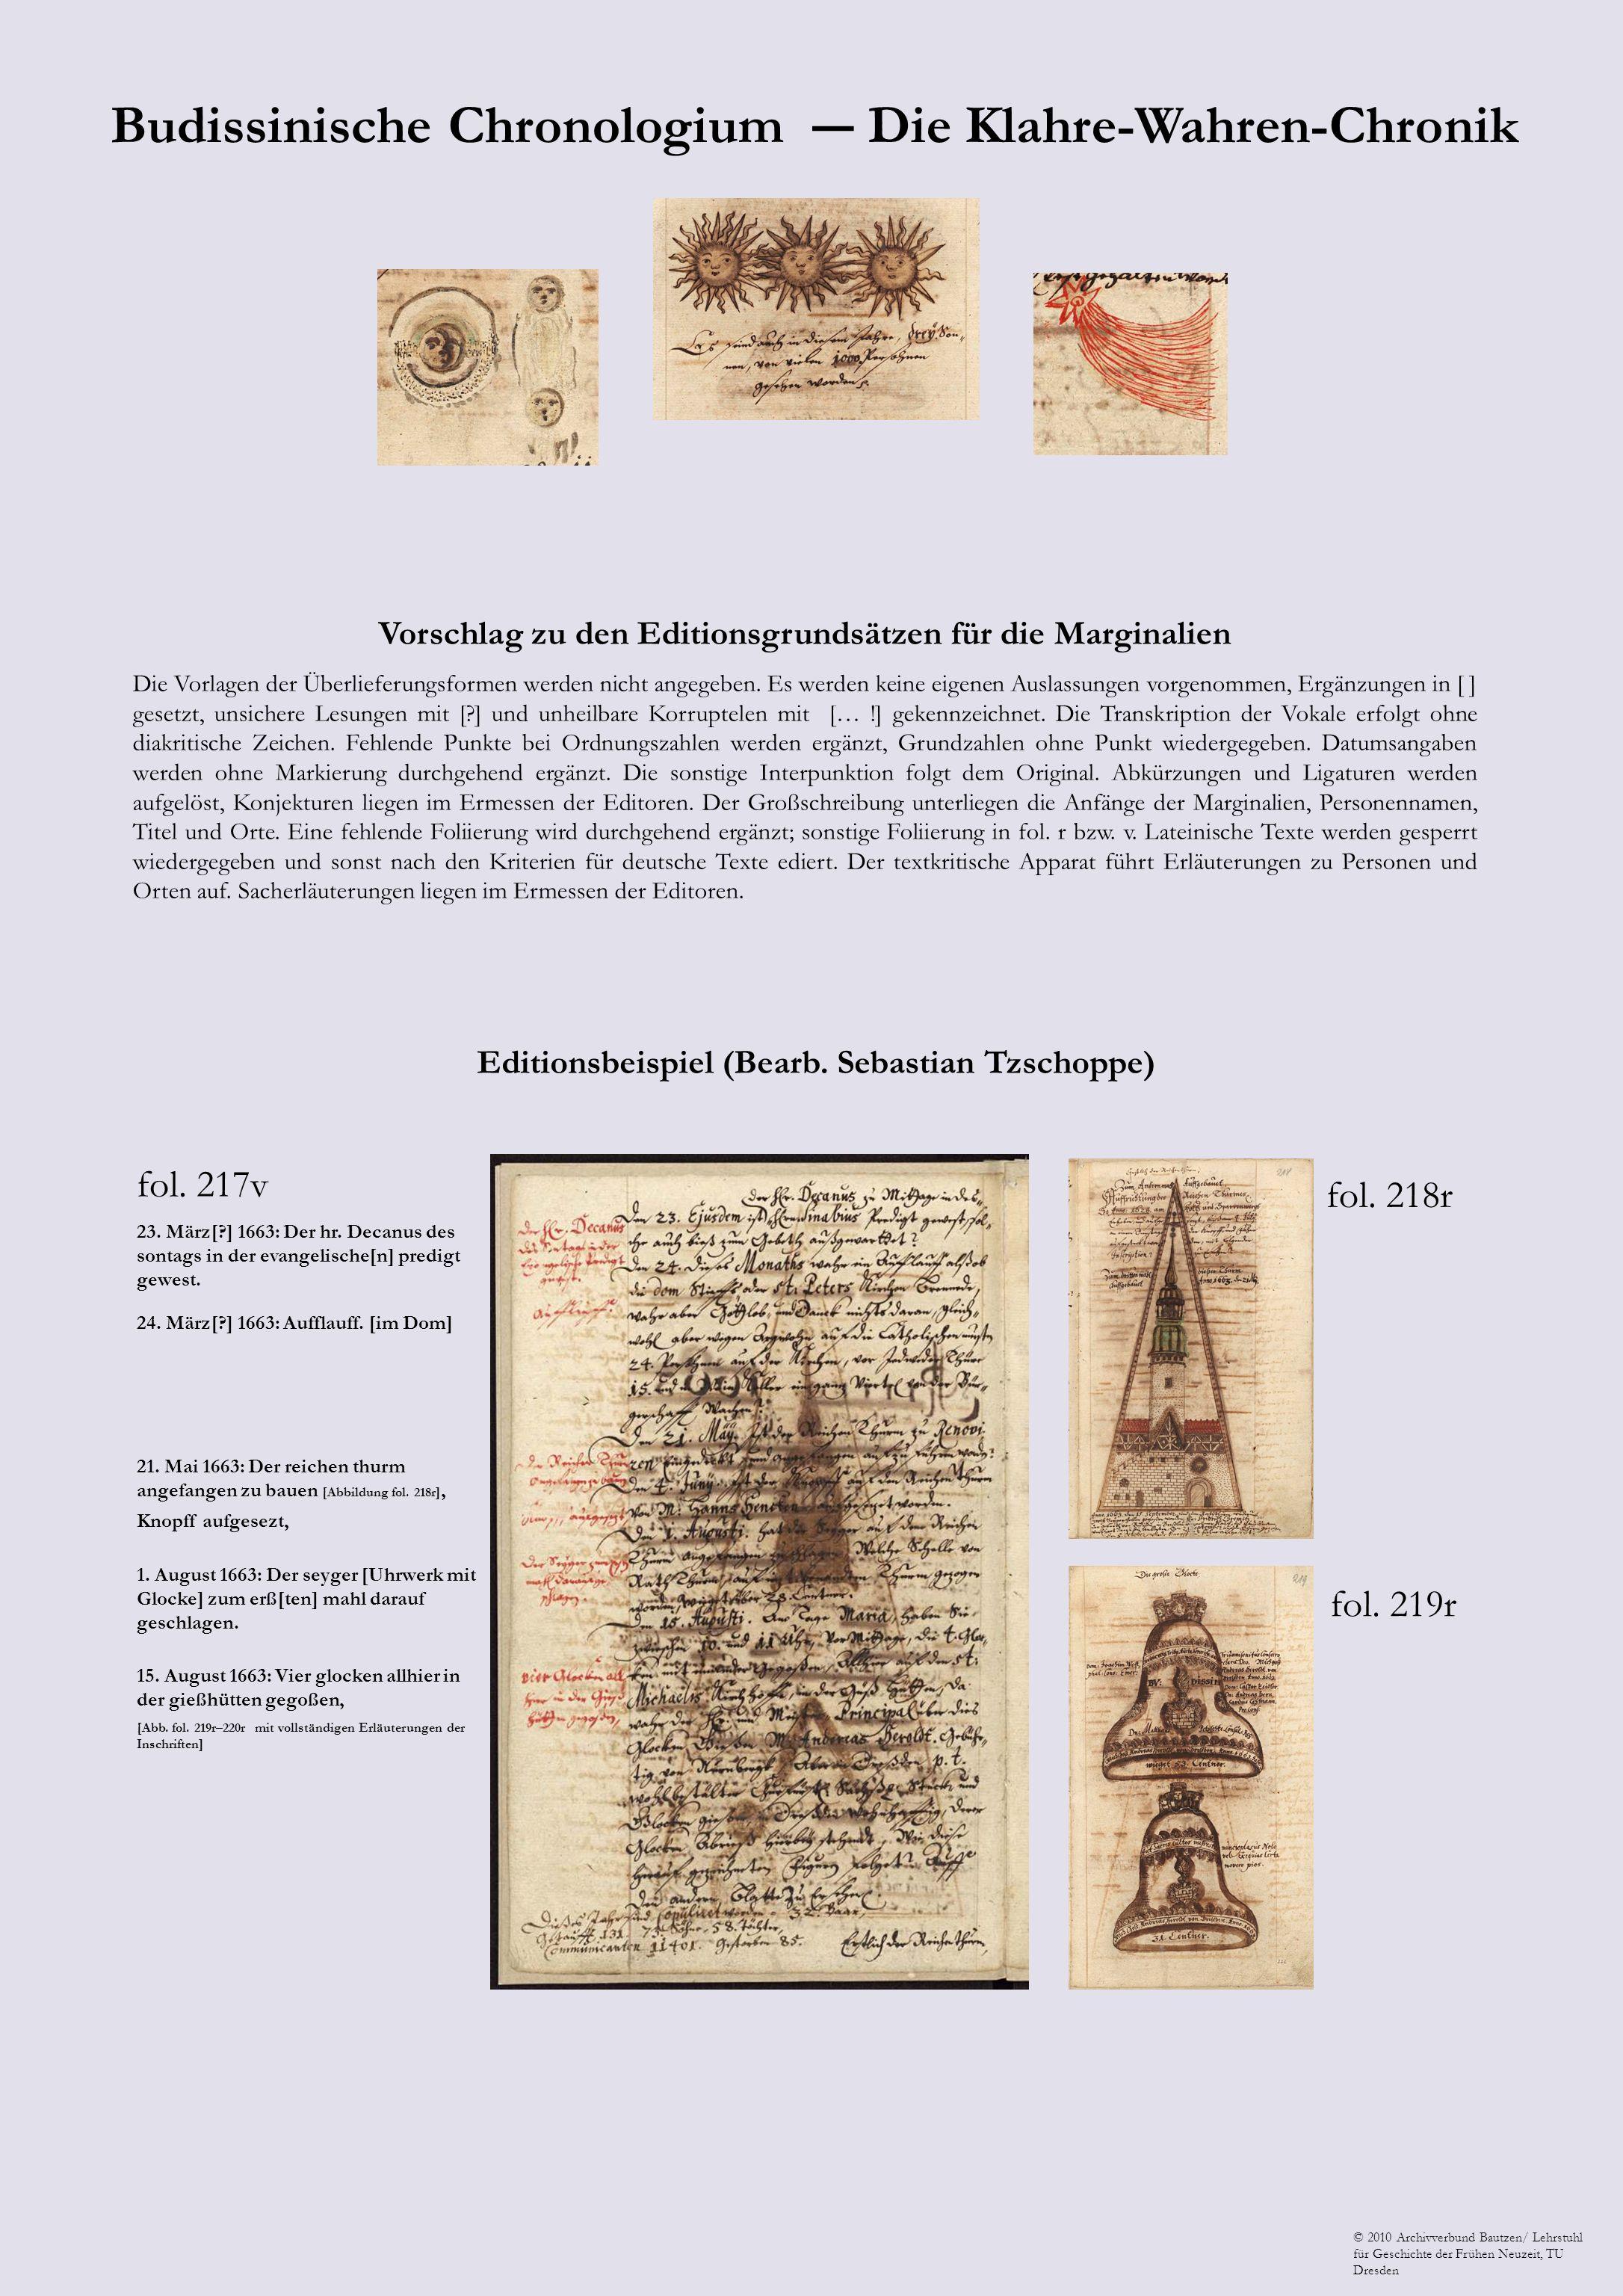 Budissinische Chronologium ― Die Klahre-Wahren-Chronik